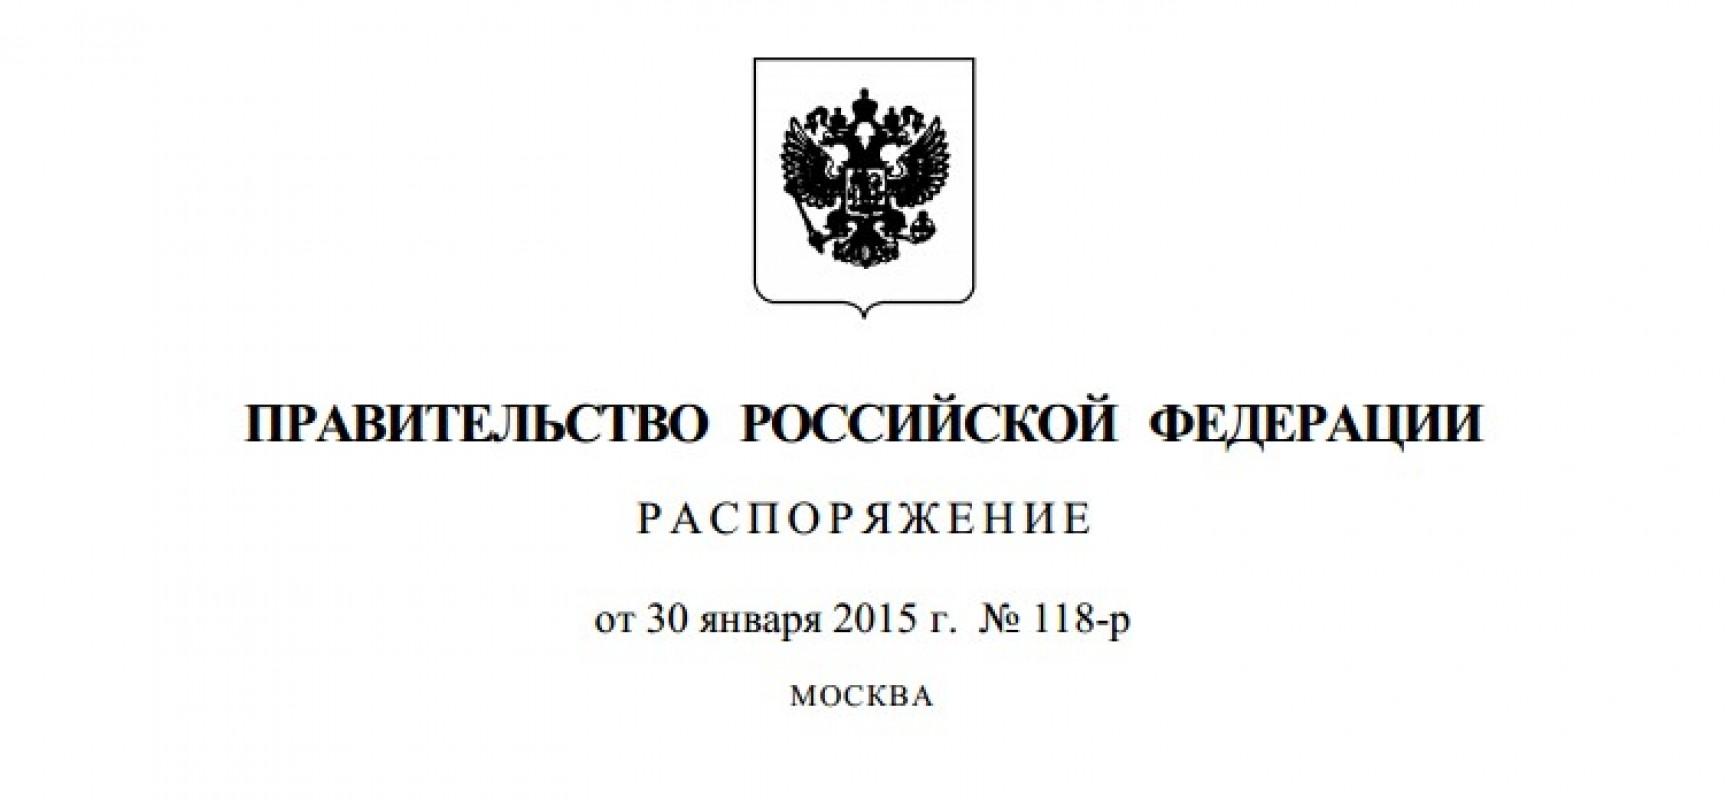 «Определить «Стройгазмонтаж» единственным исполнителем работ по проектированию и строительству транспортного перехода через Керченский пролив»